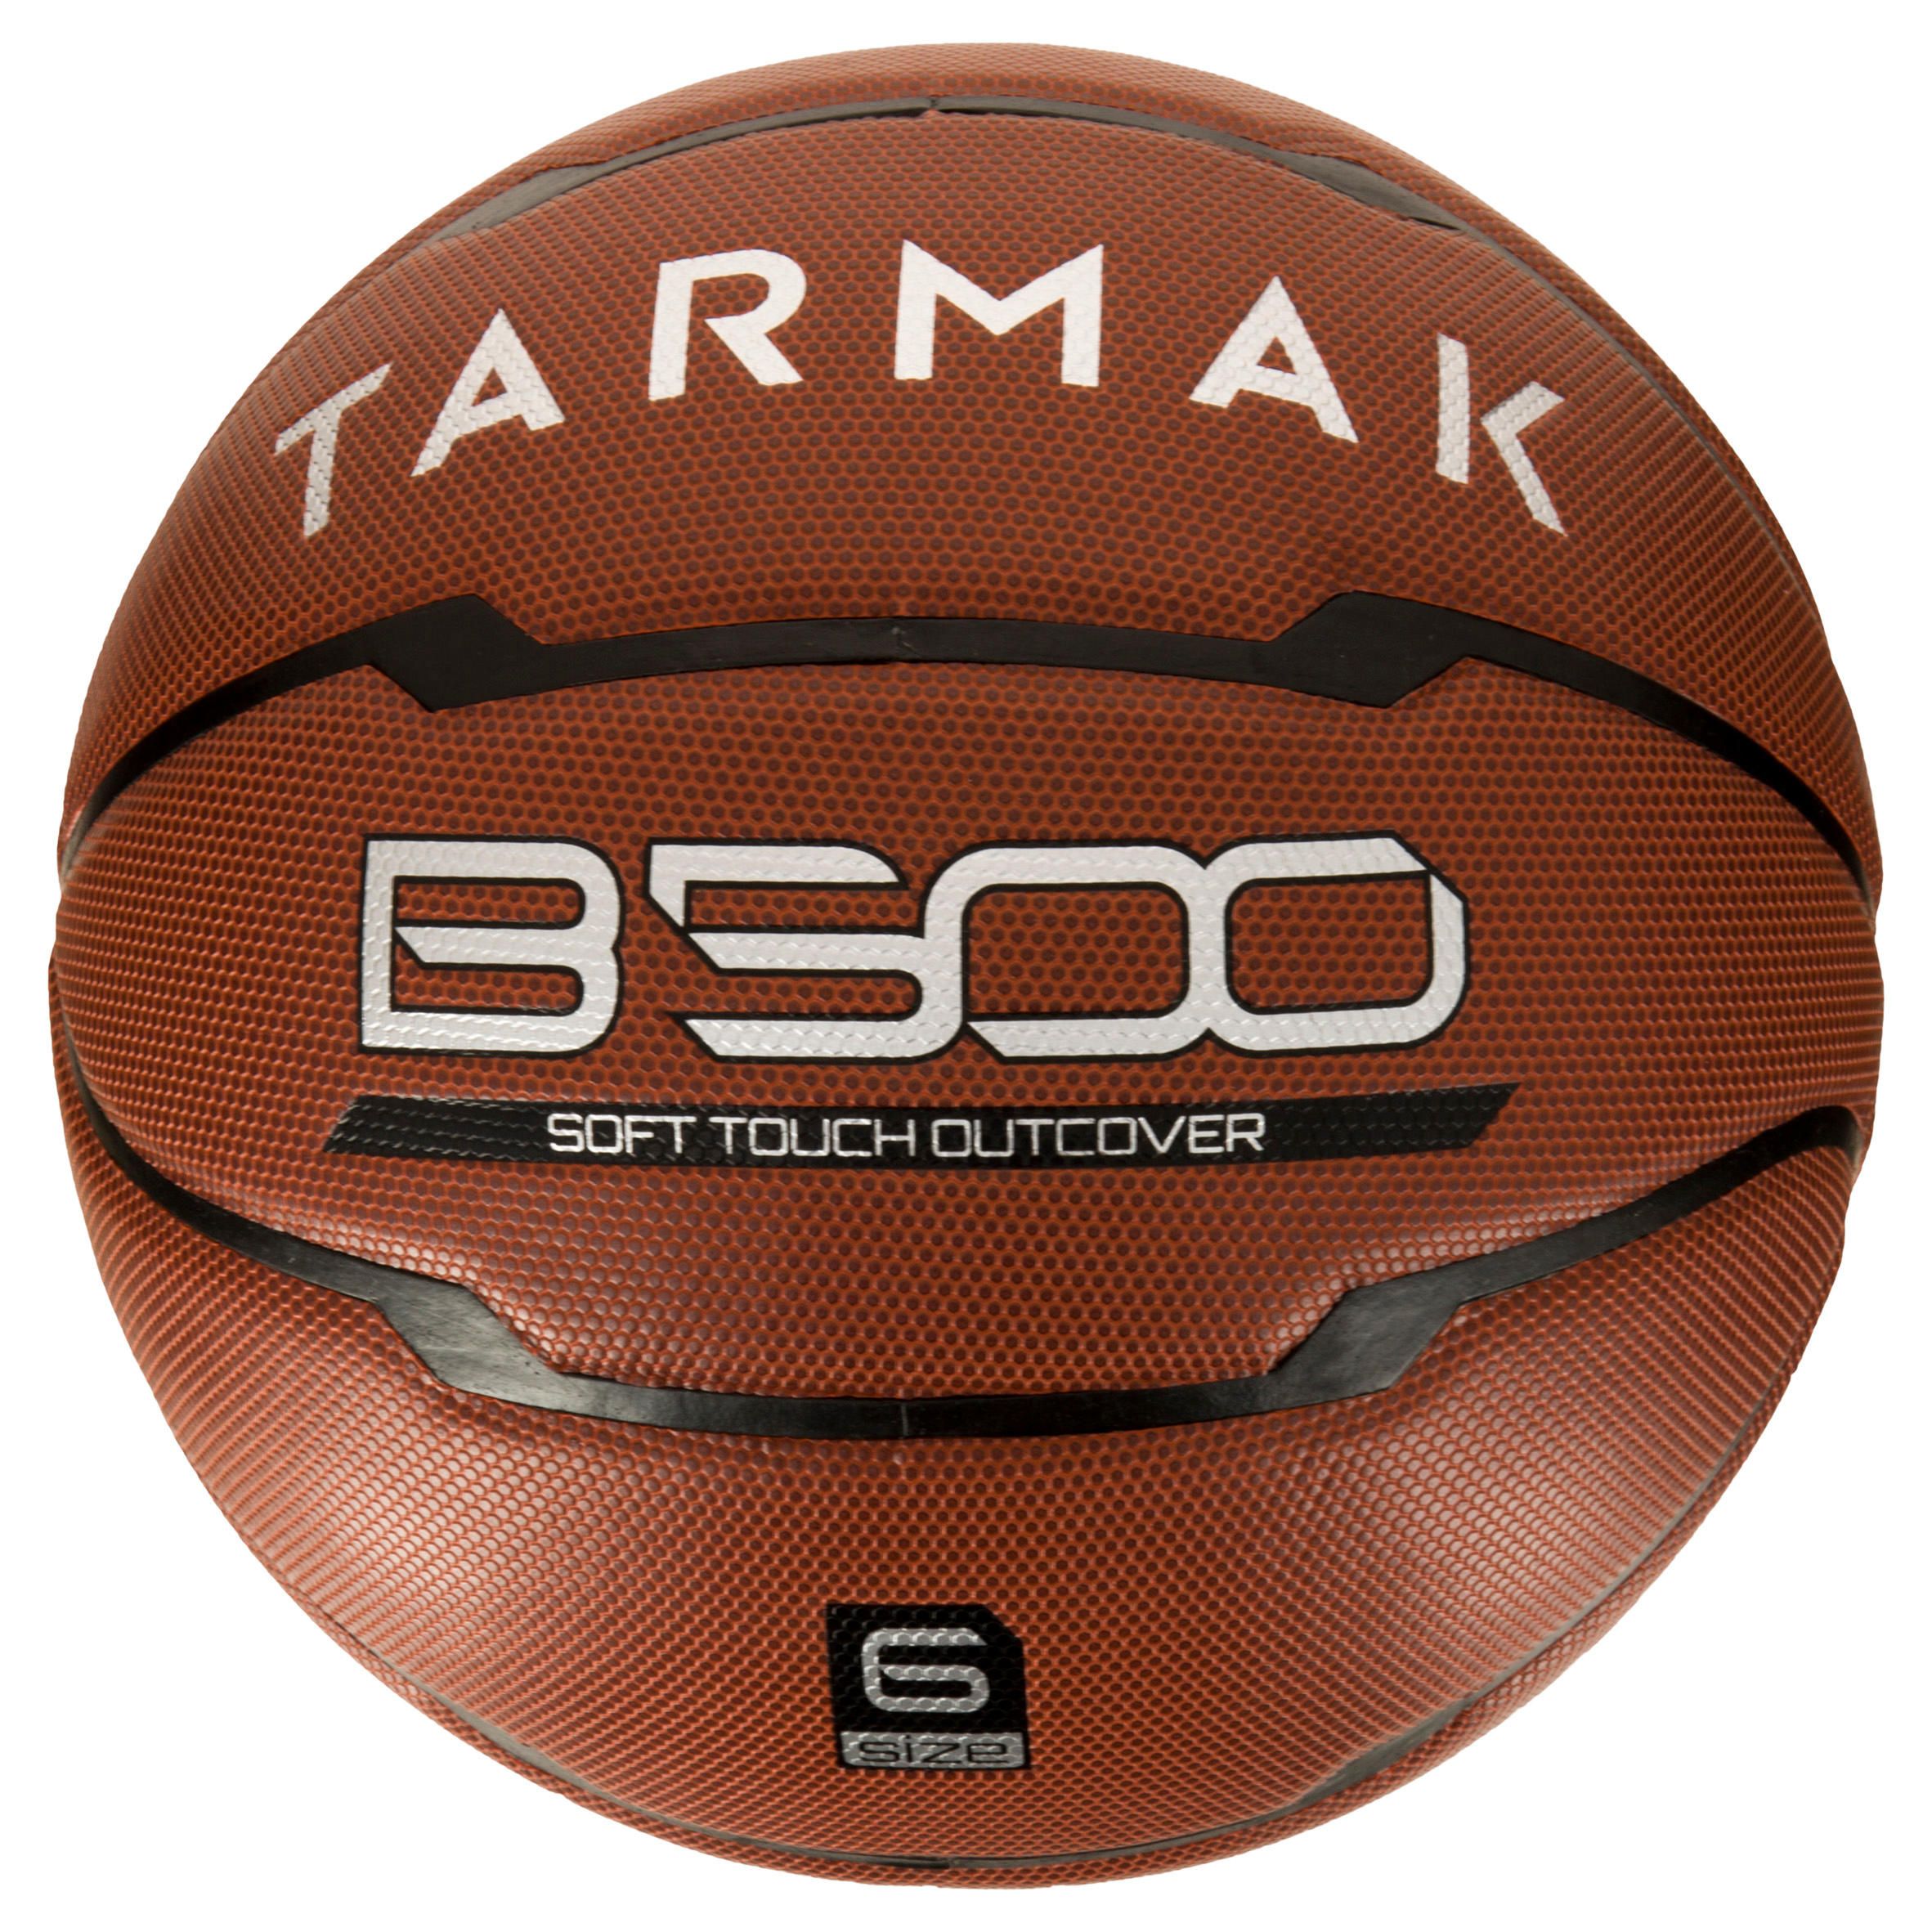 Tarmak Basketbal B500 maat 6 bruin